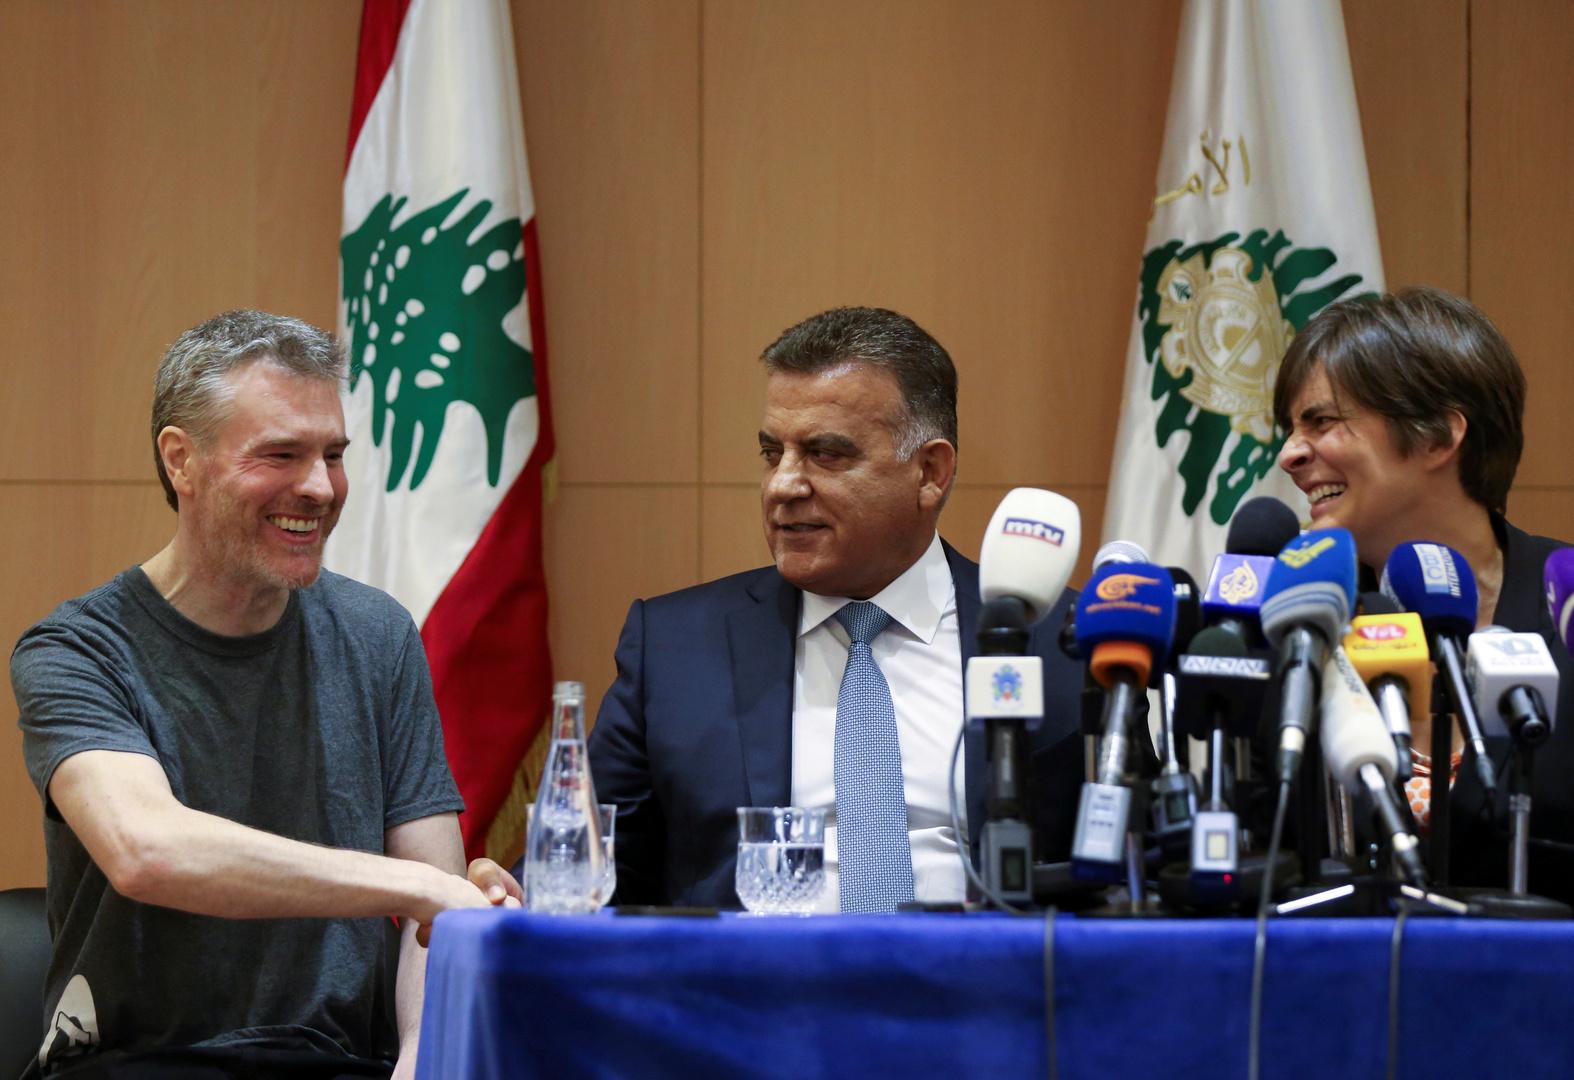 مسؤول أمني لبناني يزور واشنطن: لا رسائل سياسية أمريكية إلى لبنان